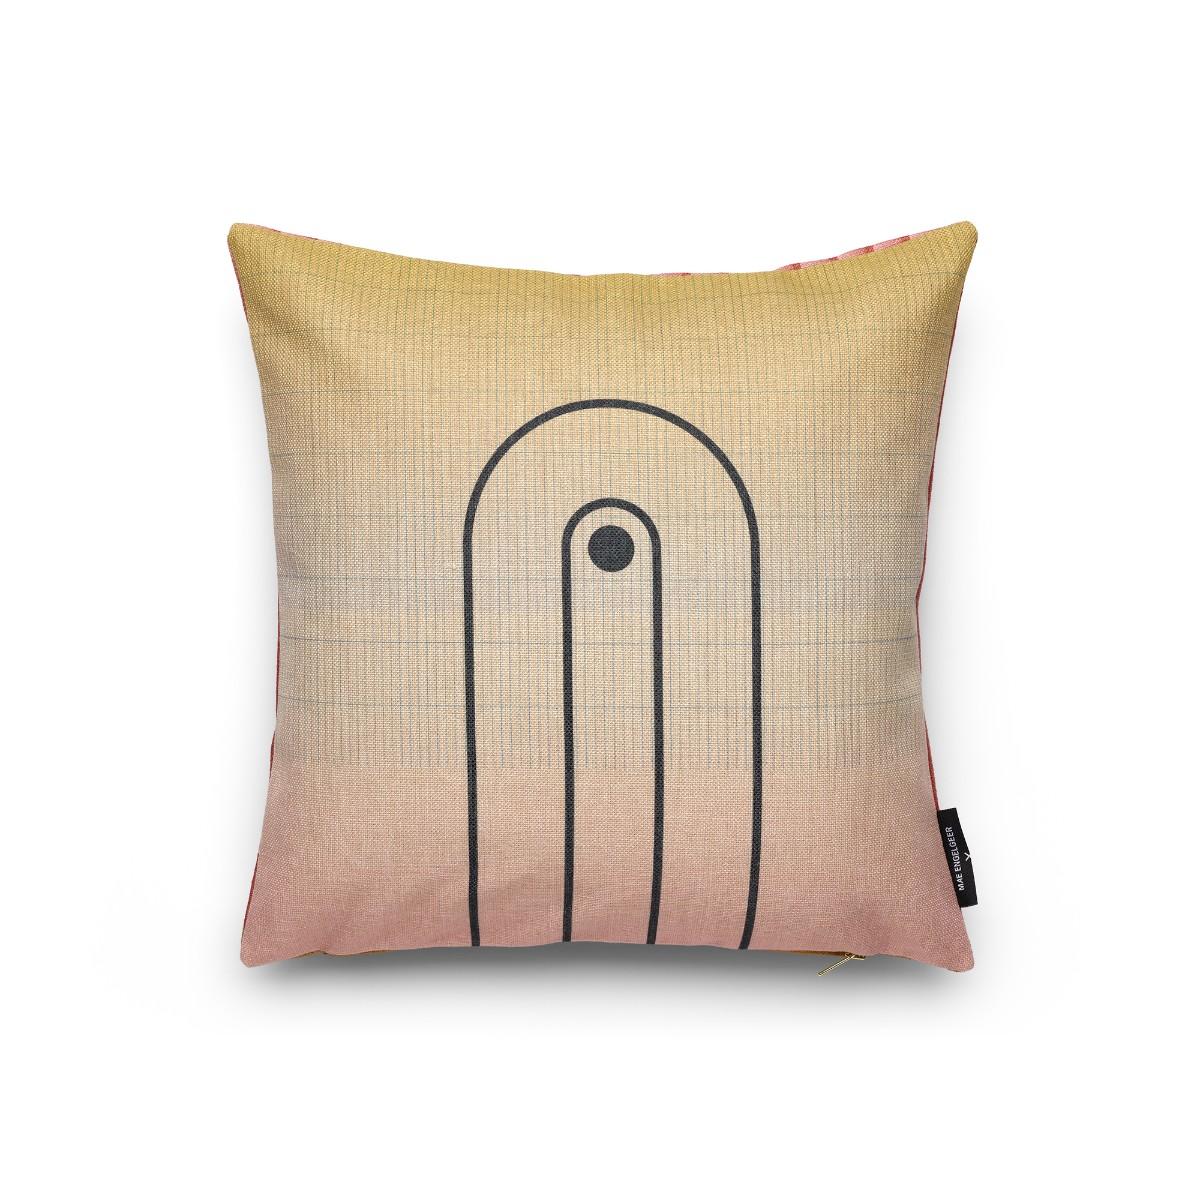 Fest I Arch Cushion (M. ENGELGEER) 45x45cm